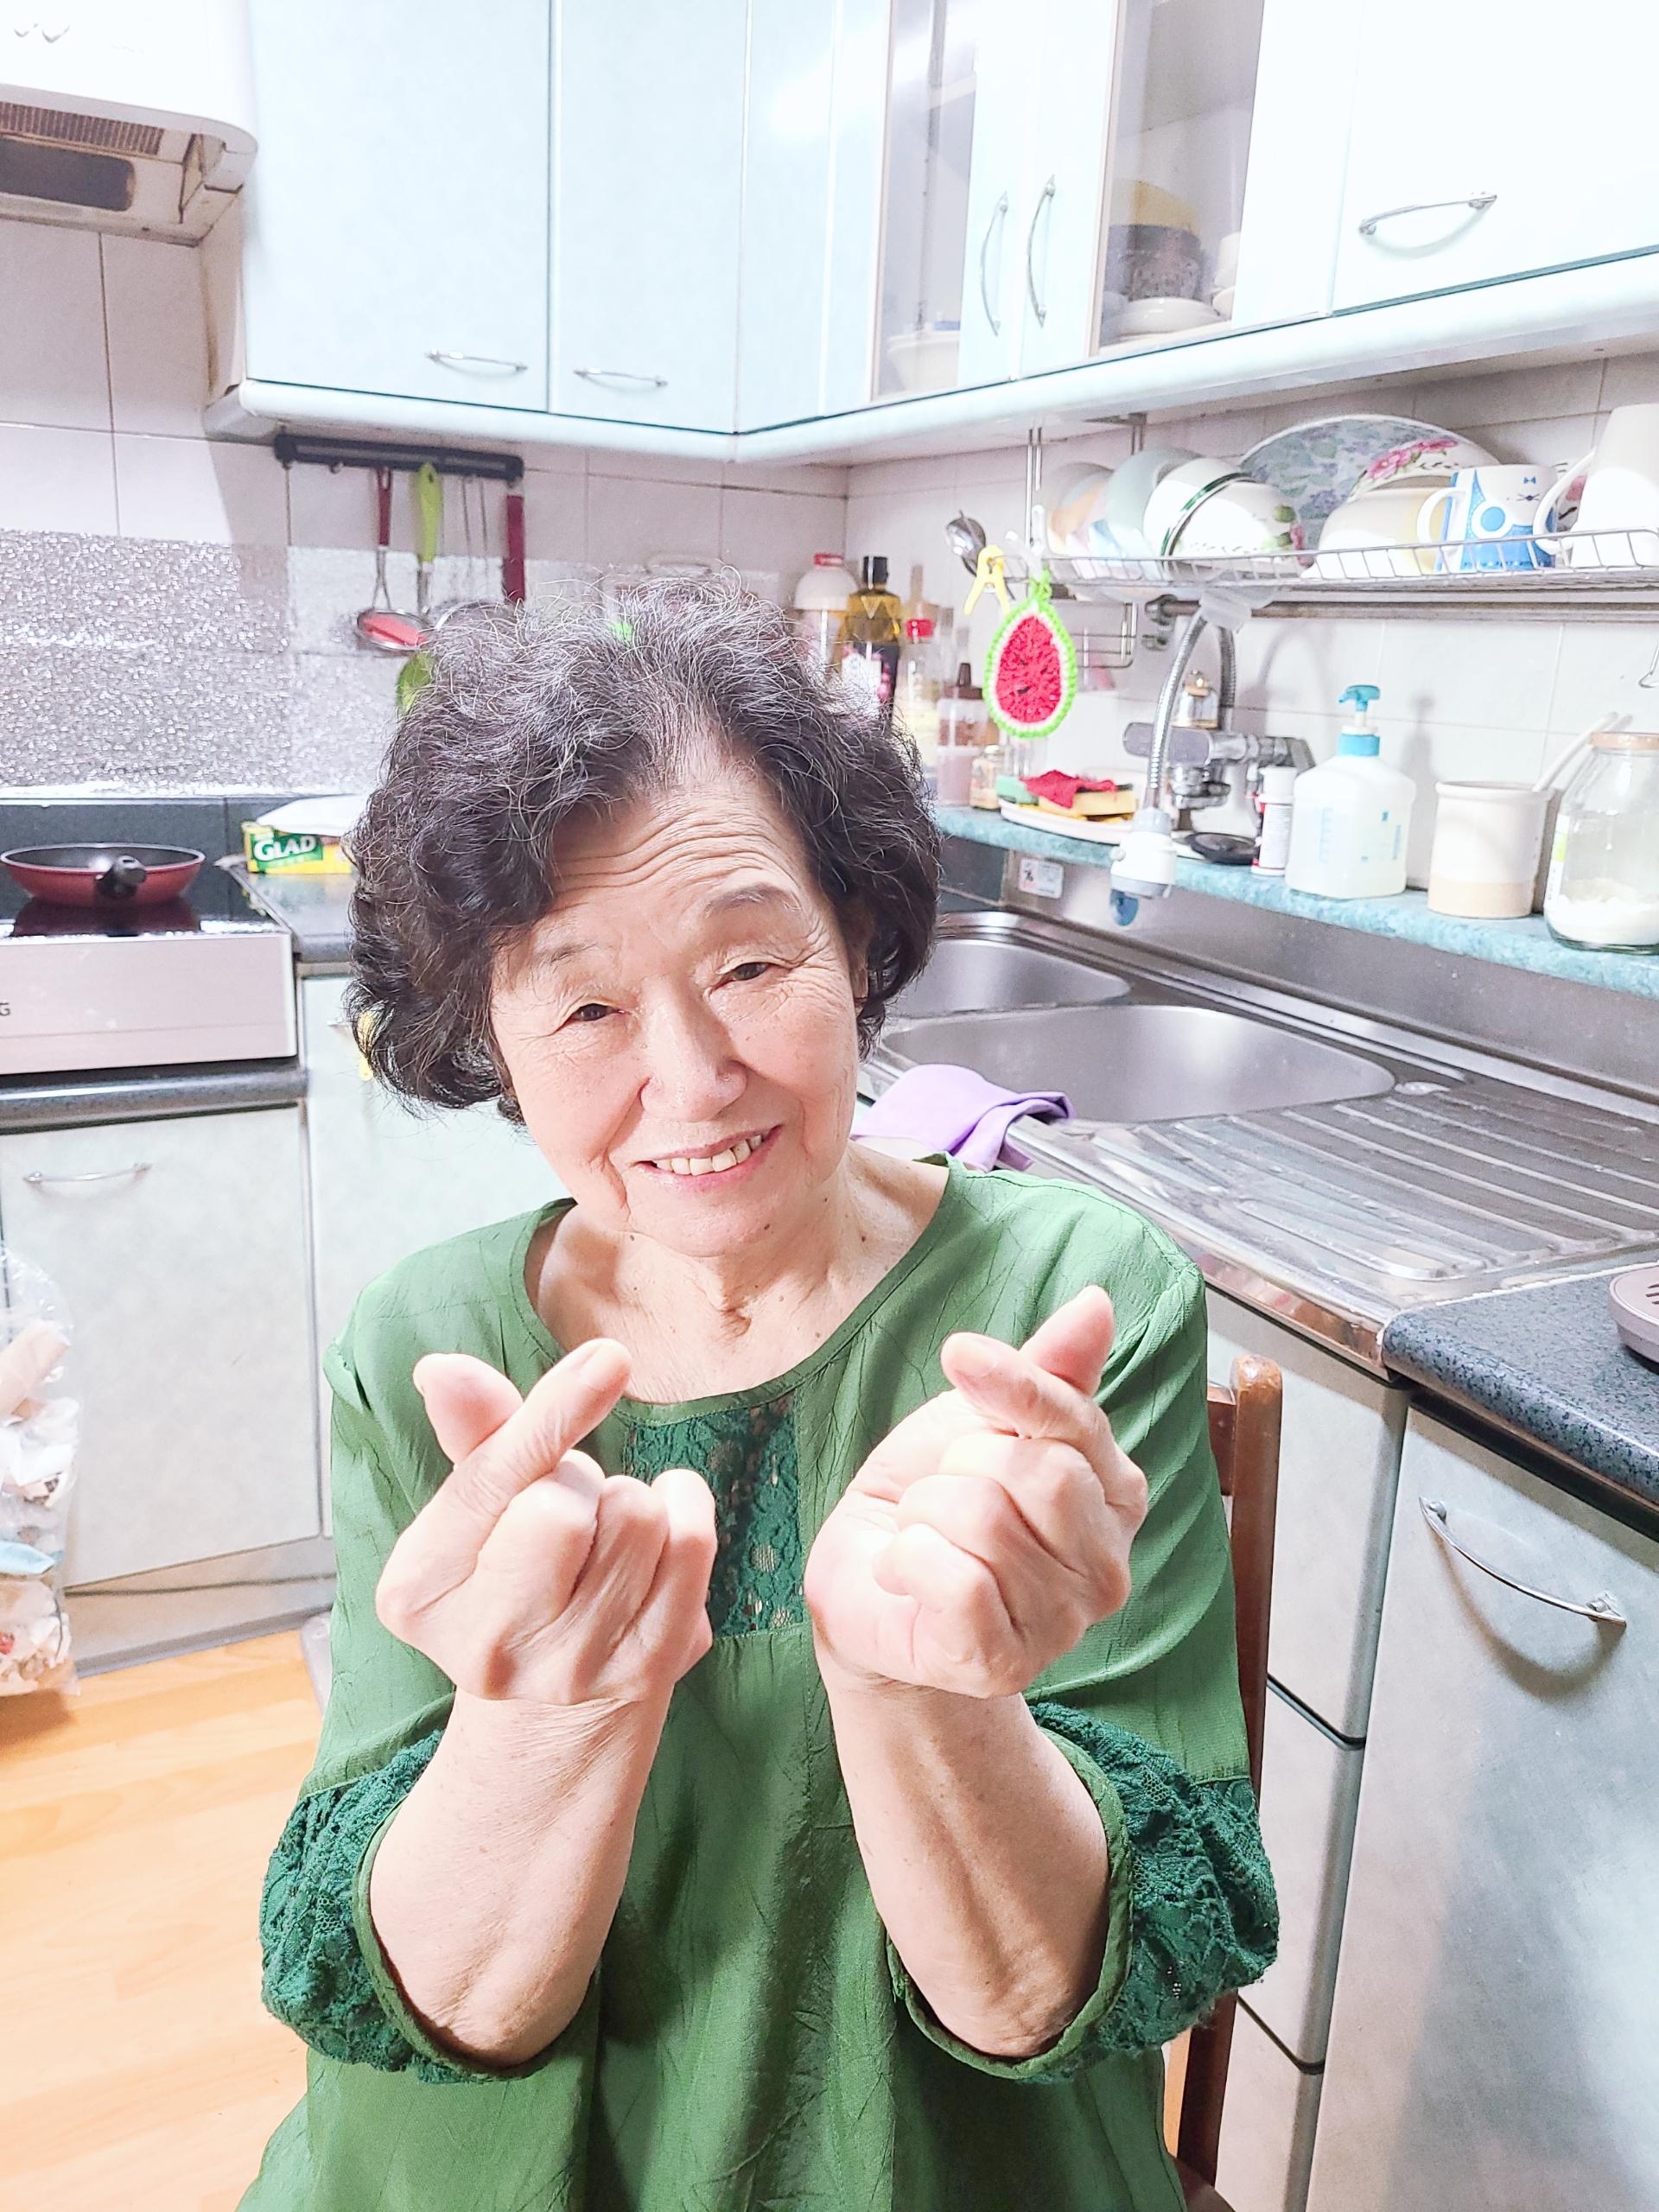 [중보기도] 김지연 담임목사님 어머니를 위해 중보해주세요